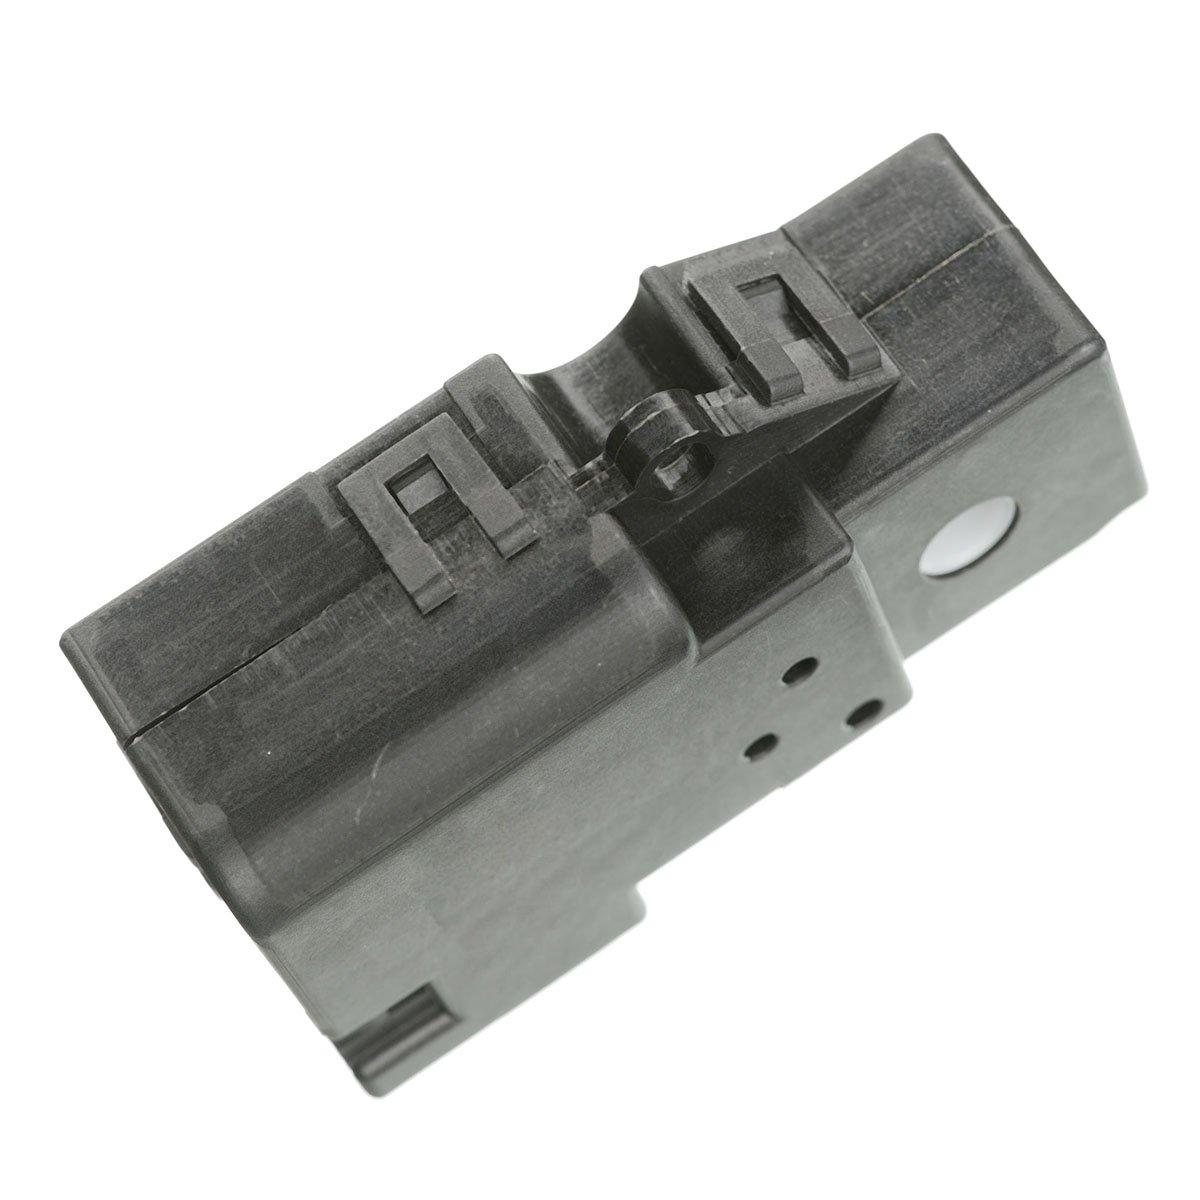 Rear Heater Air Door Actuator For Isuzu Ascender GMC Envoy XL Chevy Trailblazer